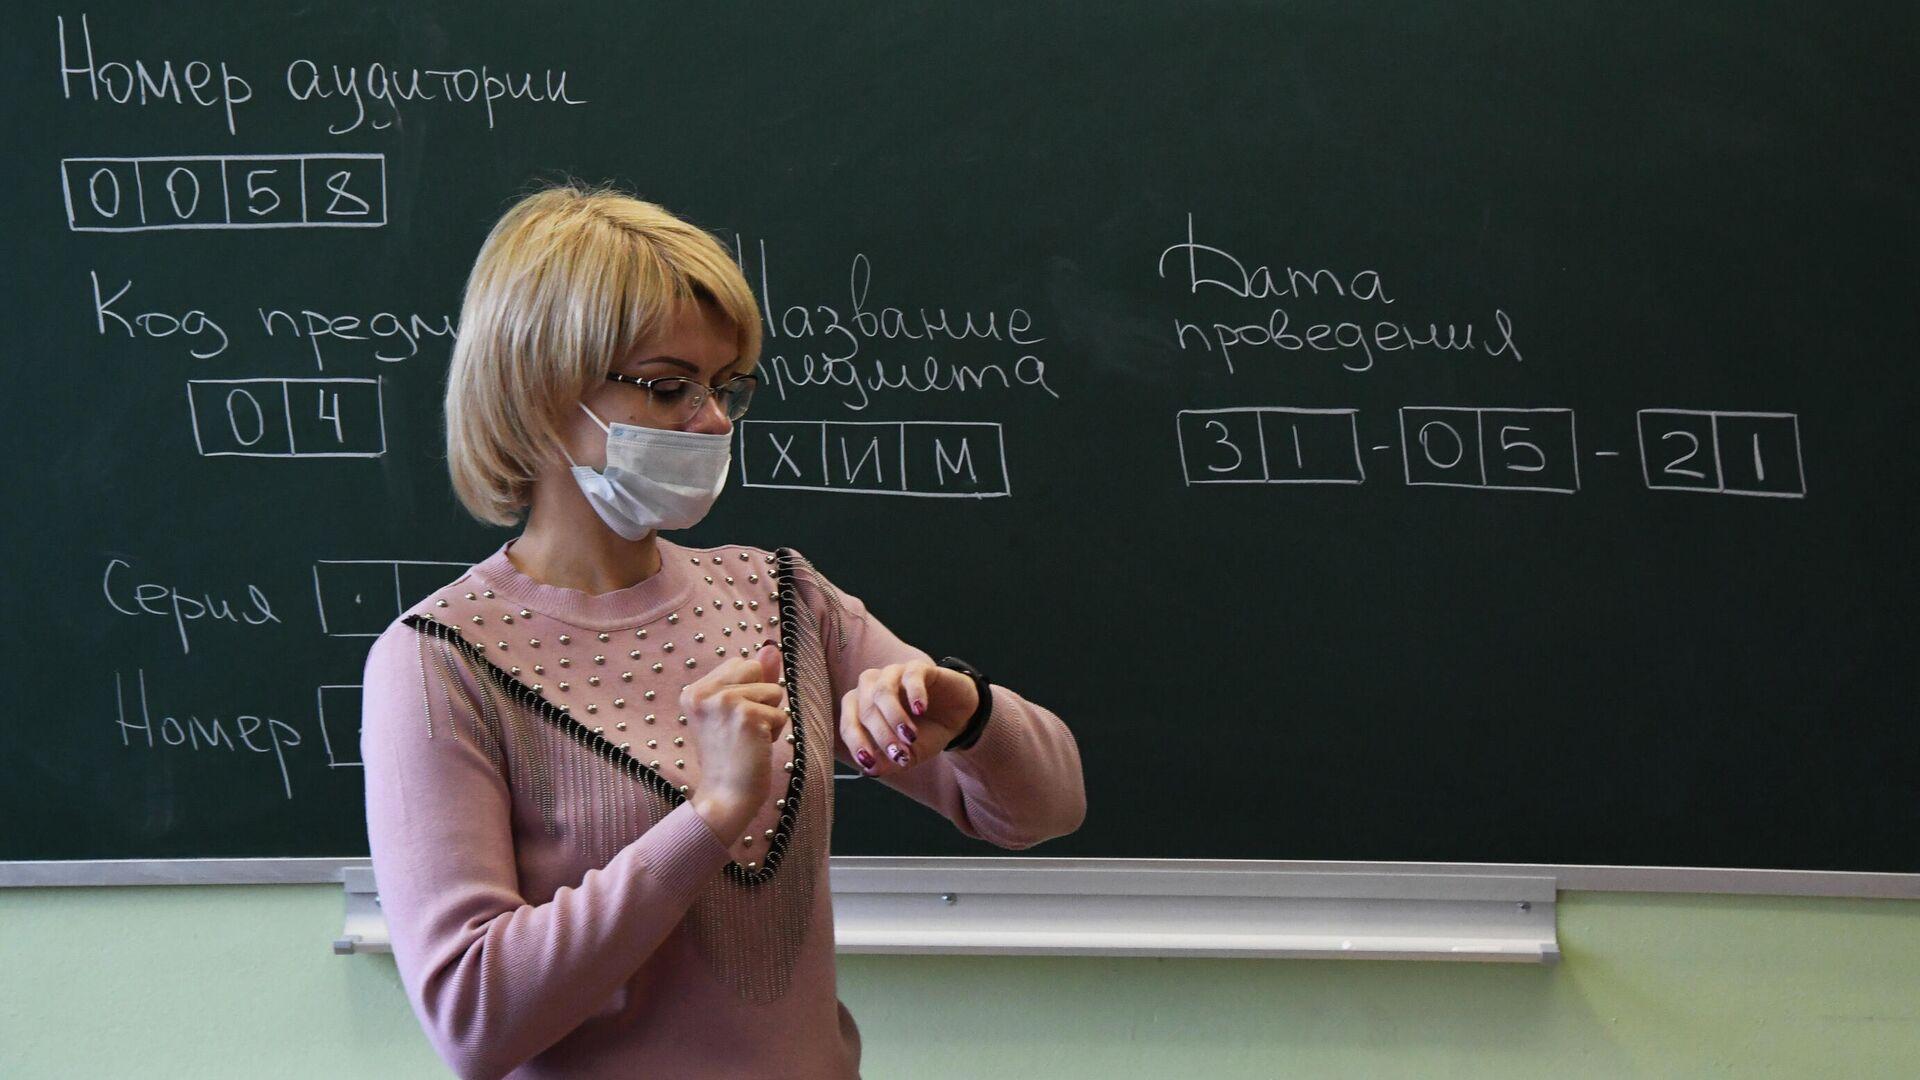 Начало сдачи ЕГЭ-2021  - РИА Новости, 1920, 28.08.2021